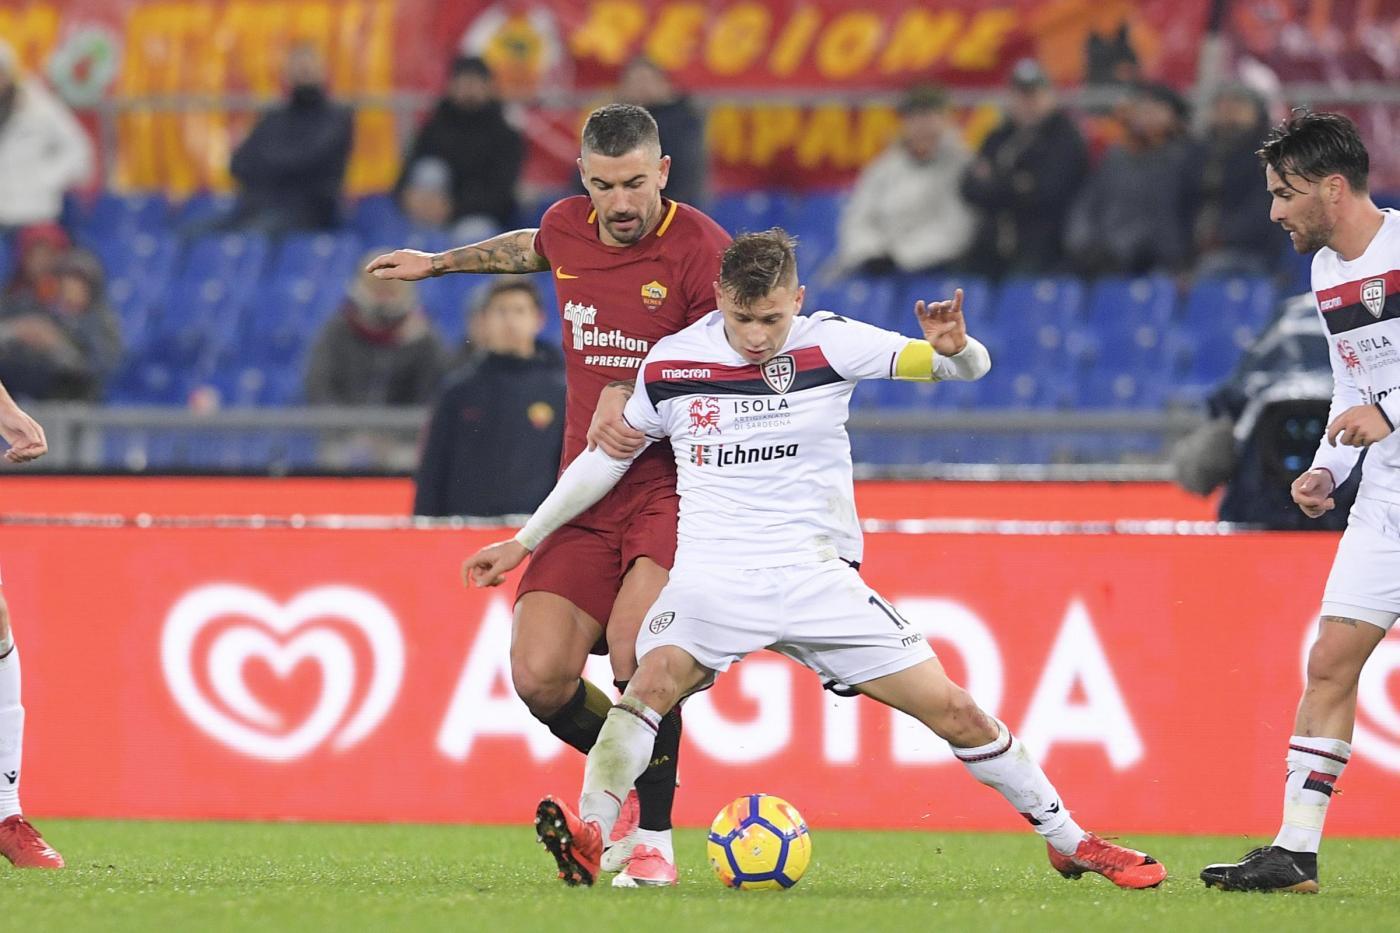 Barella từng được tín nhiệm mang băng đội trưởng Cagliari từ khi 20 tuổi. Ảnh: Lapresse